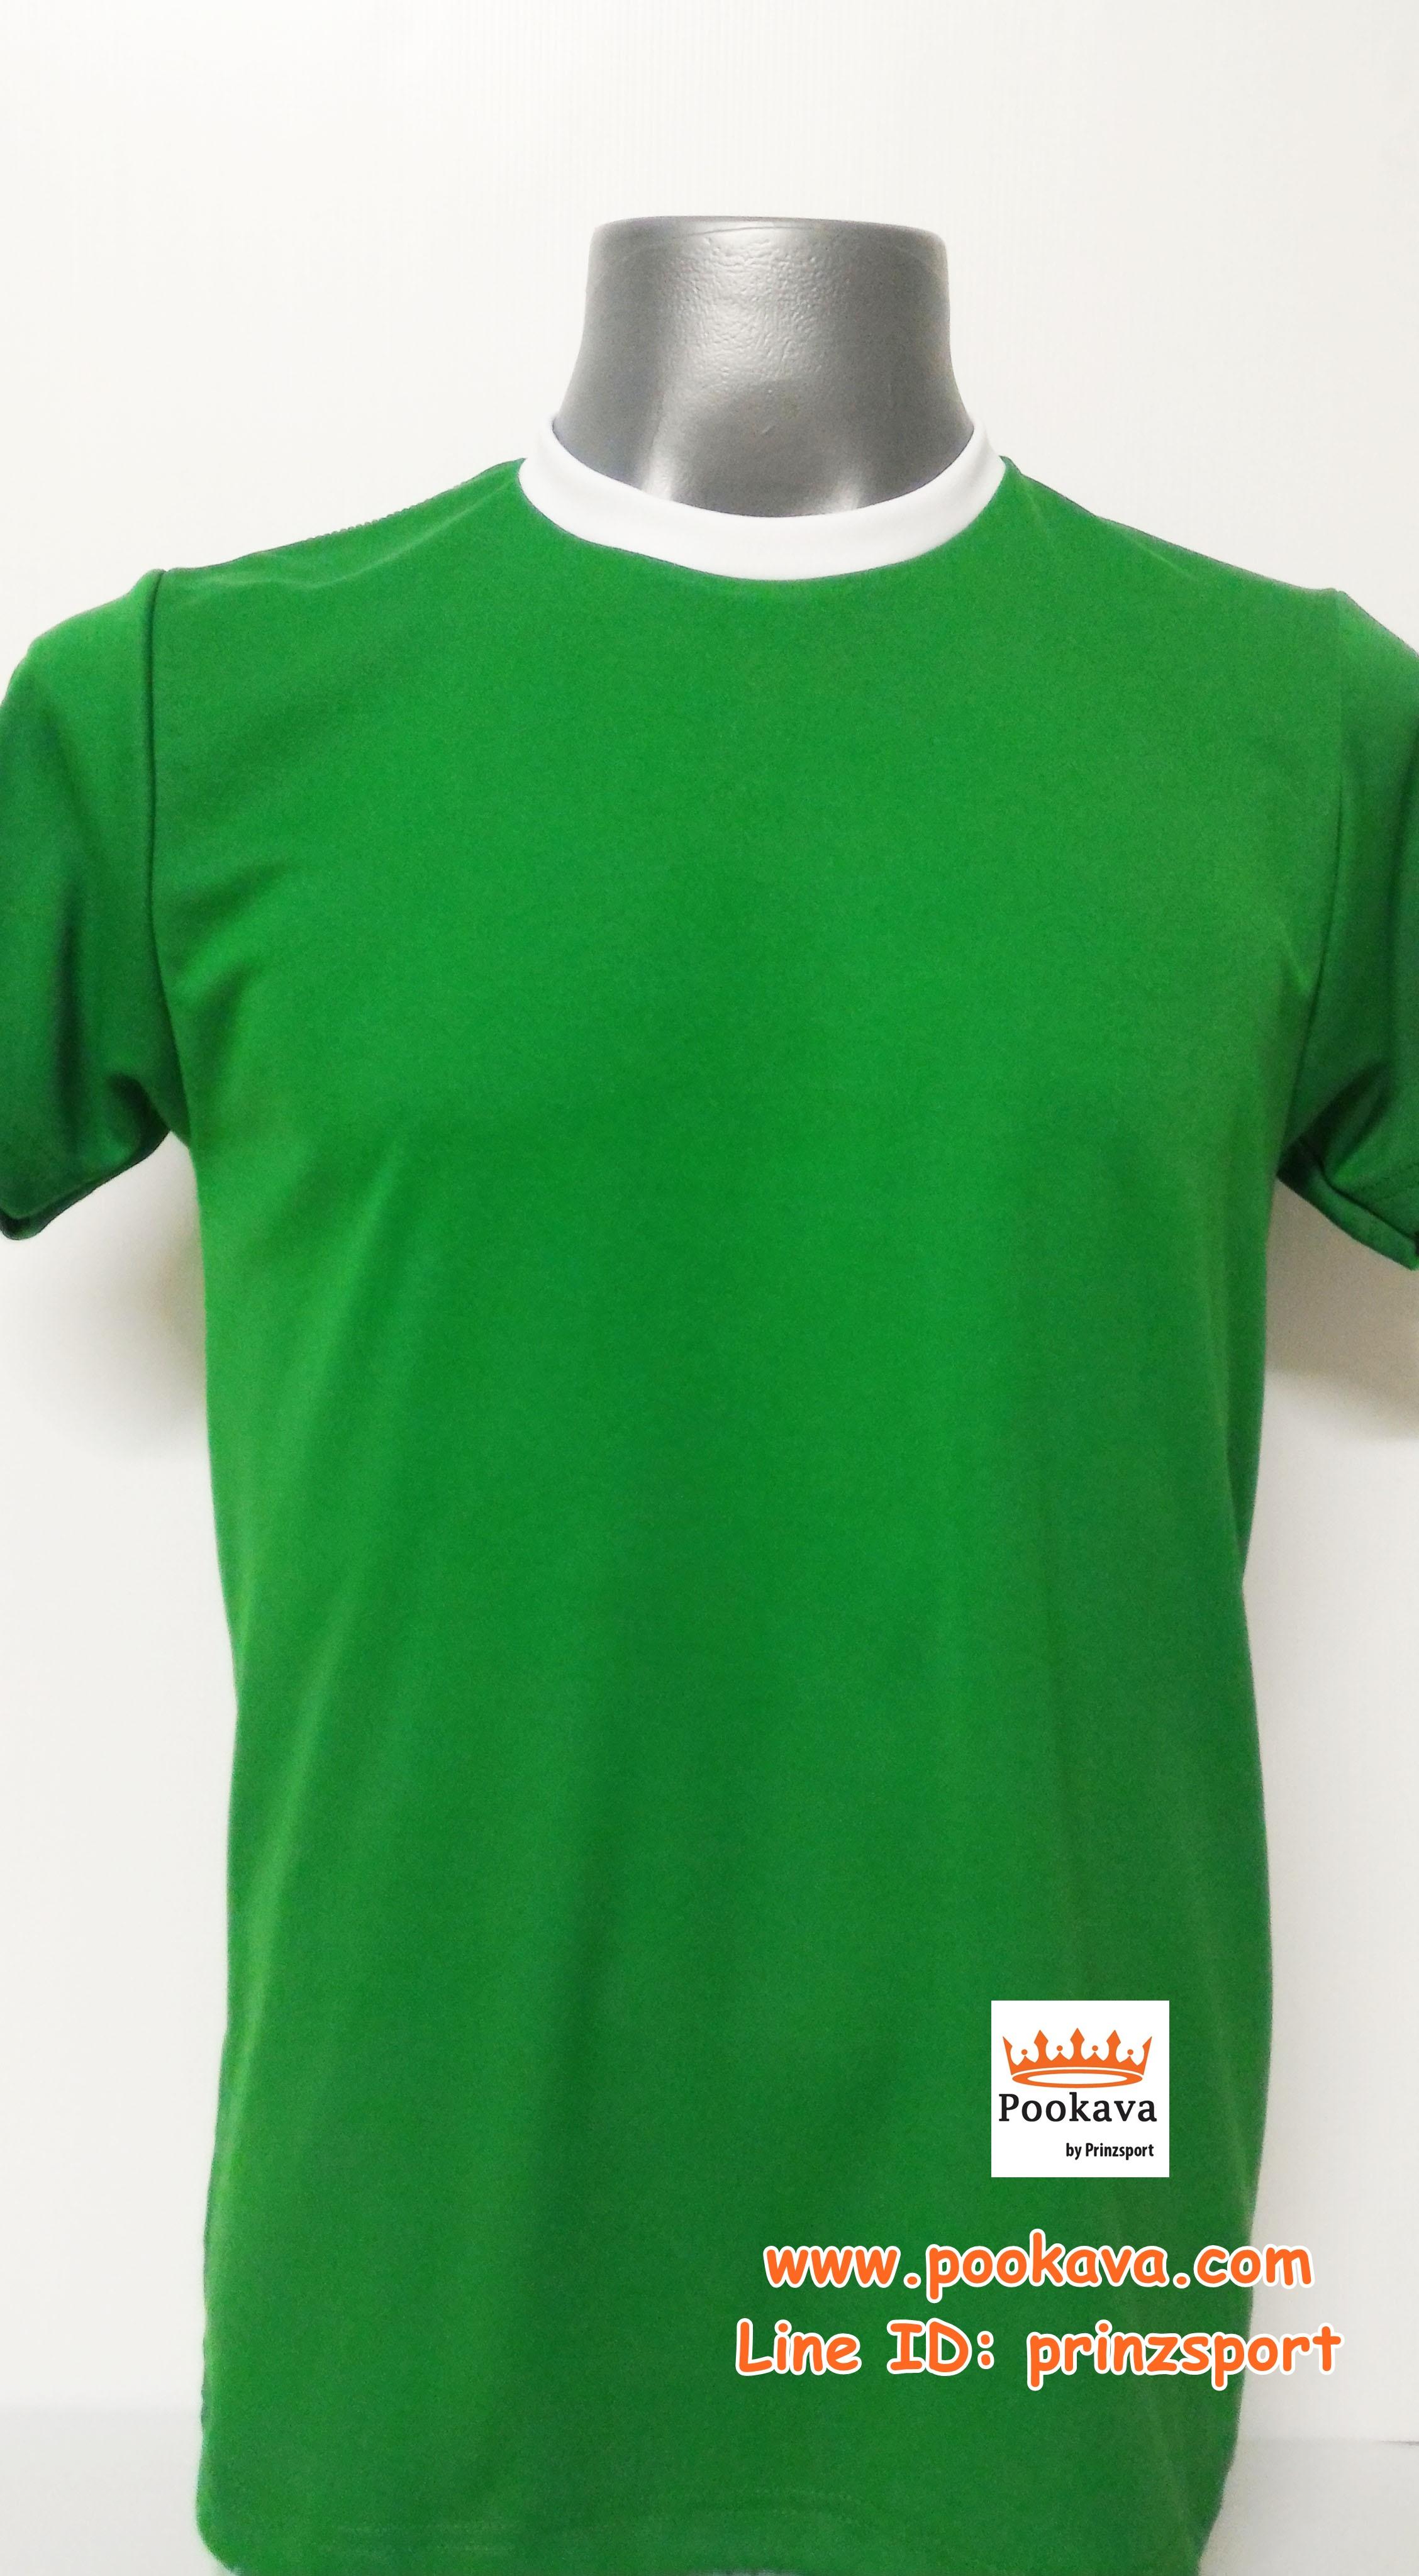 ขายส่ง ไซส์ L รอบอก 38 นิ้ว เสื้อกีฬาสีเขียว เสื้อกีฬาเปล่าผู้ใหญ่ เสื้อเปล่า